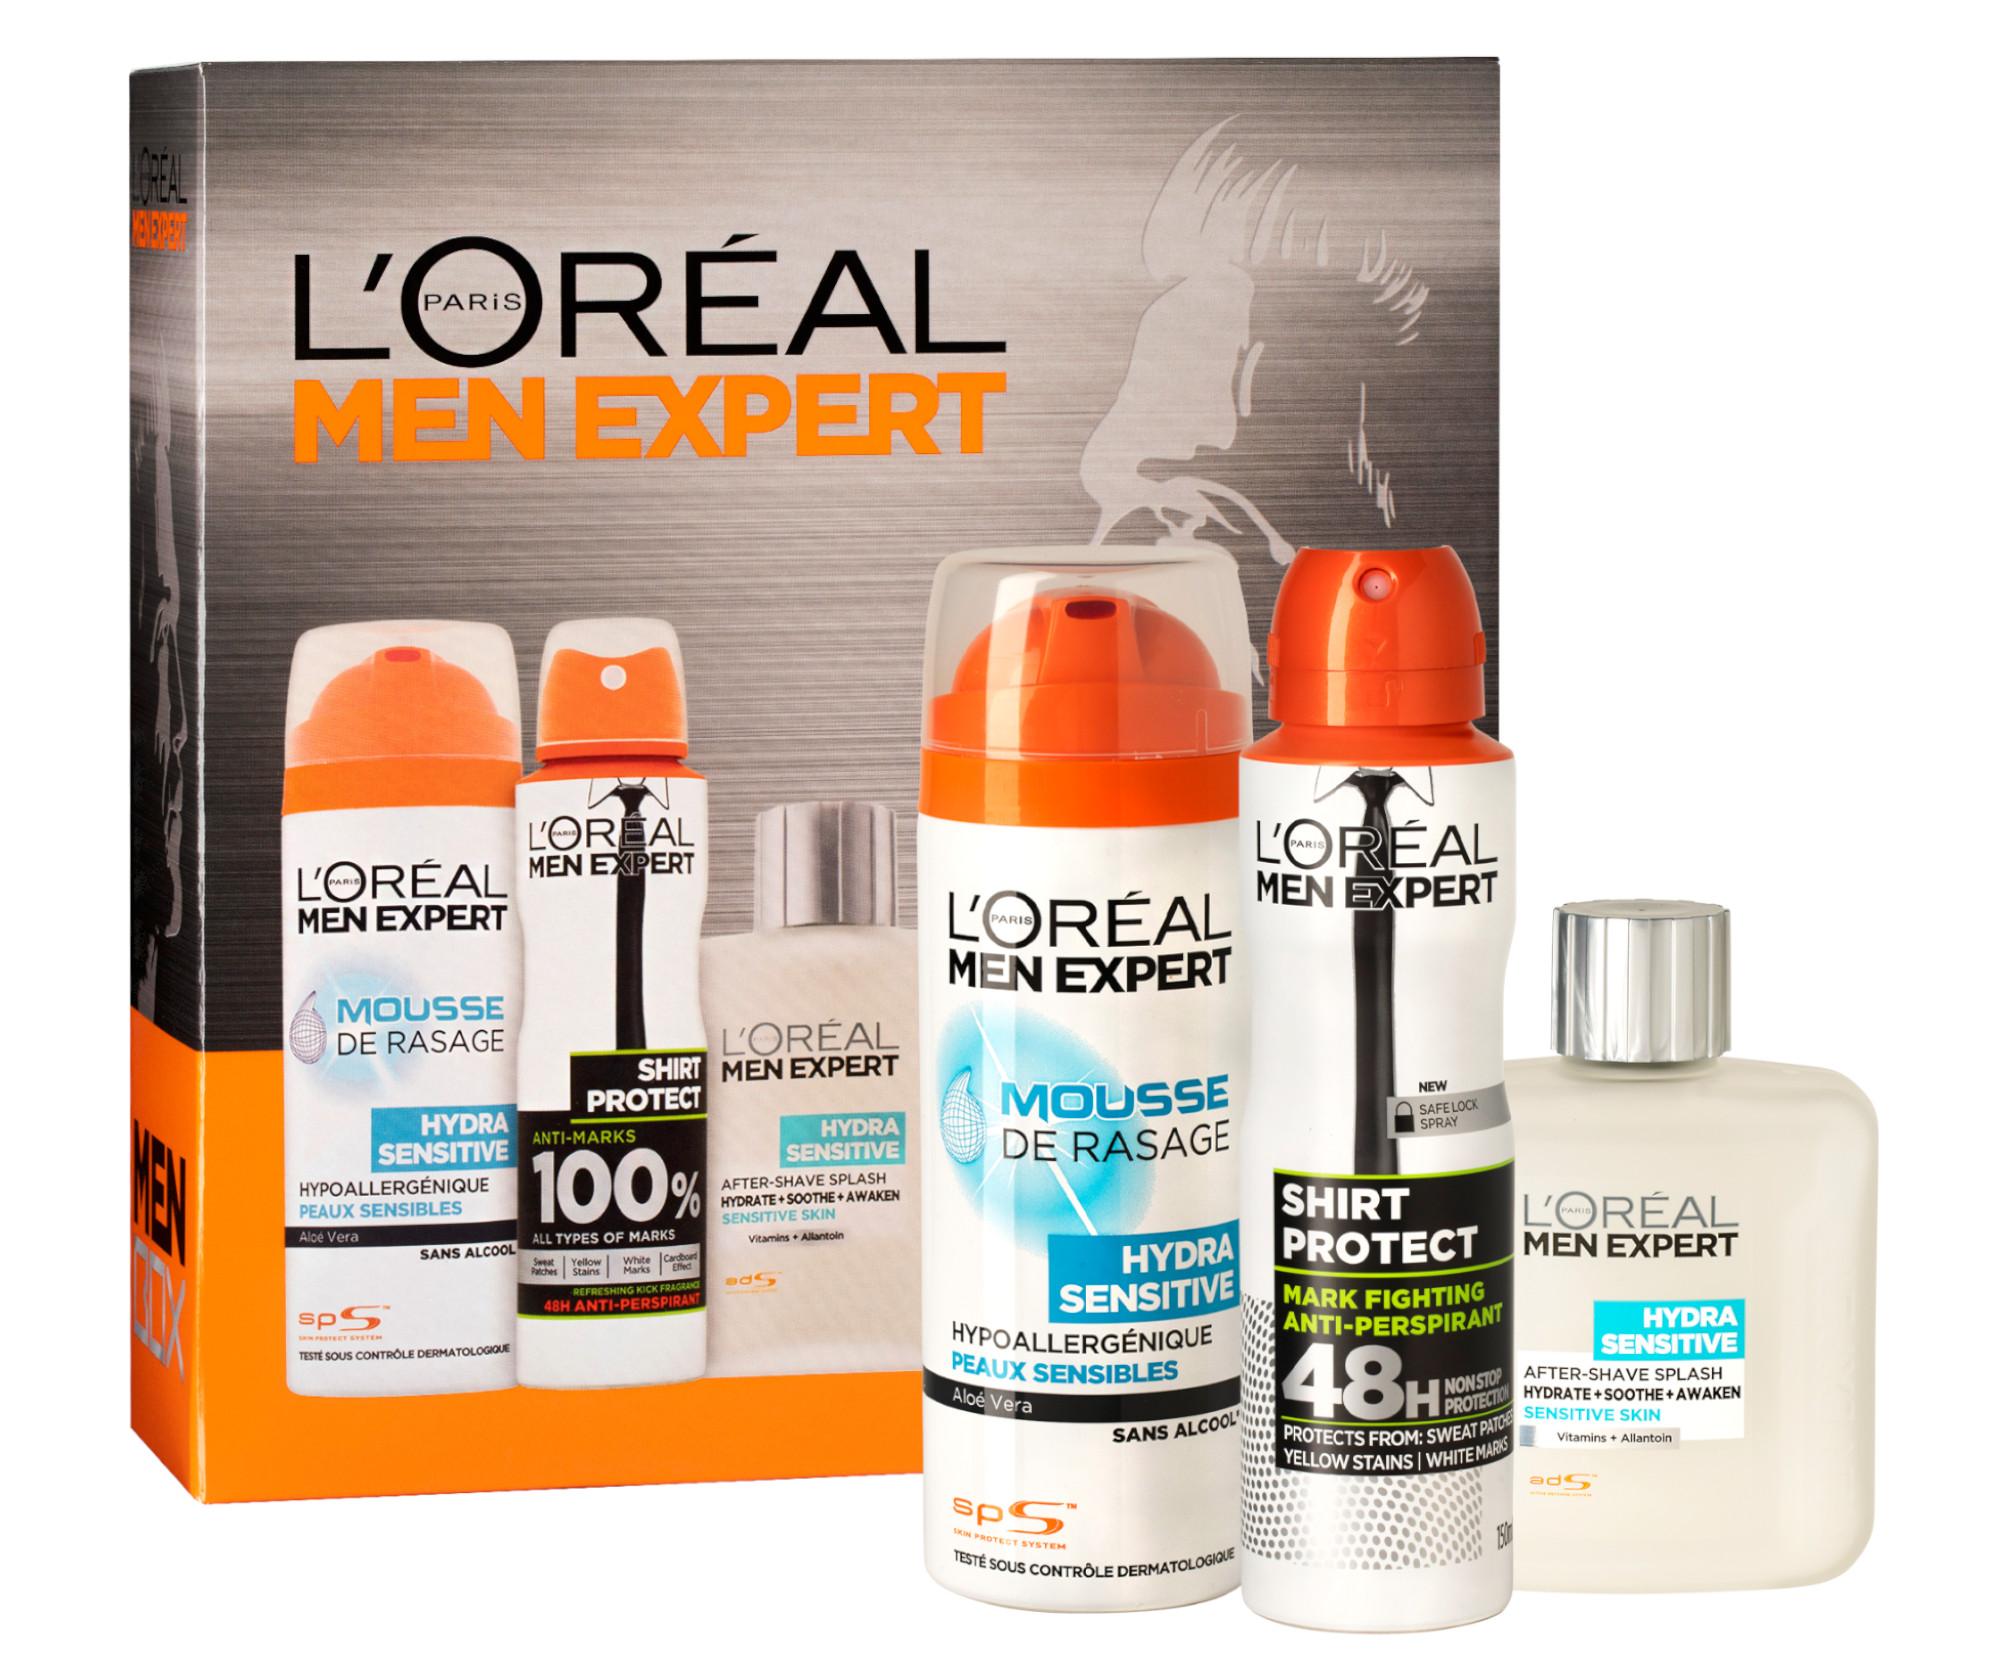 Sada pro muže Loréal Paris - holící pěna 200 ml + antiperspirant 150 ml + voda po holení 100 ml - L'Oréal Paris + DÁREK ZDARMA